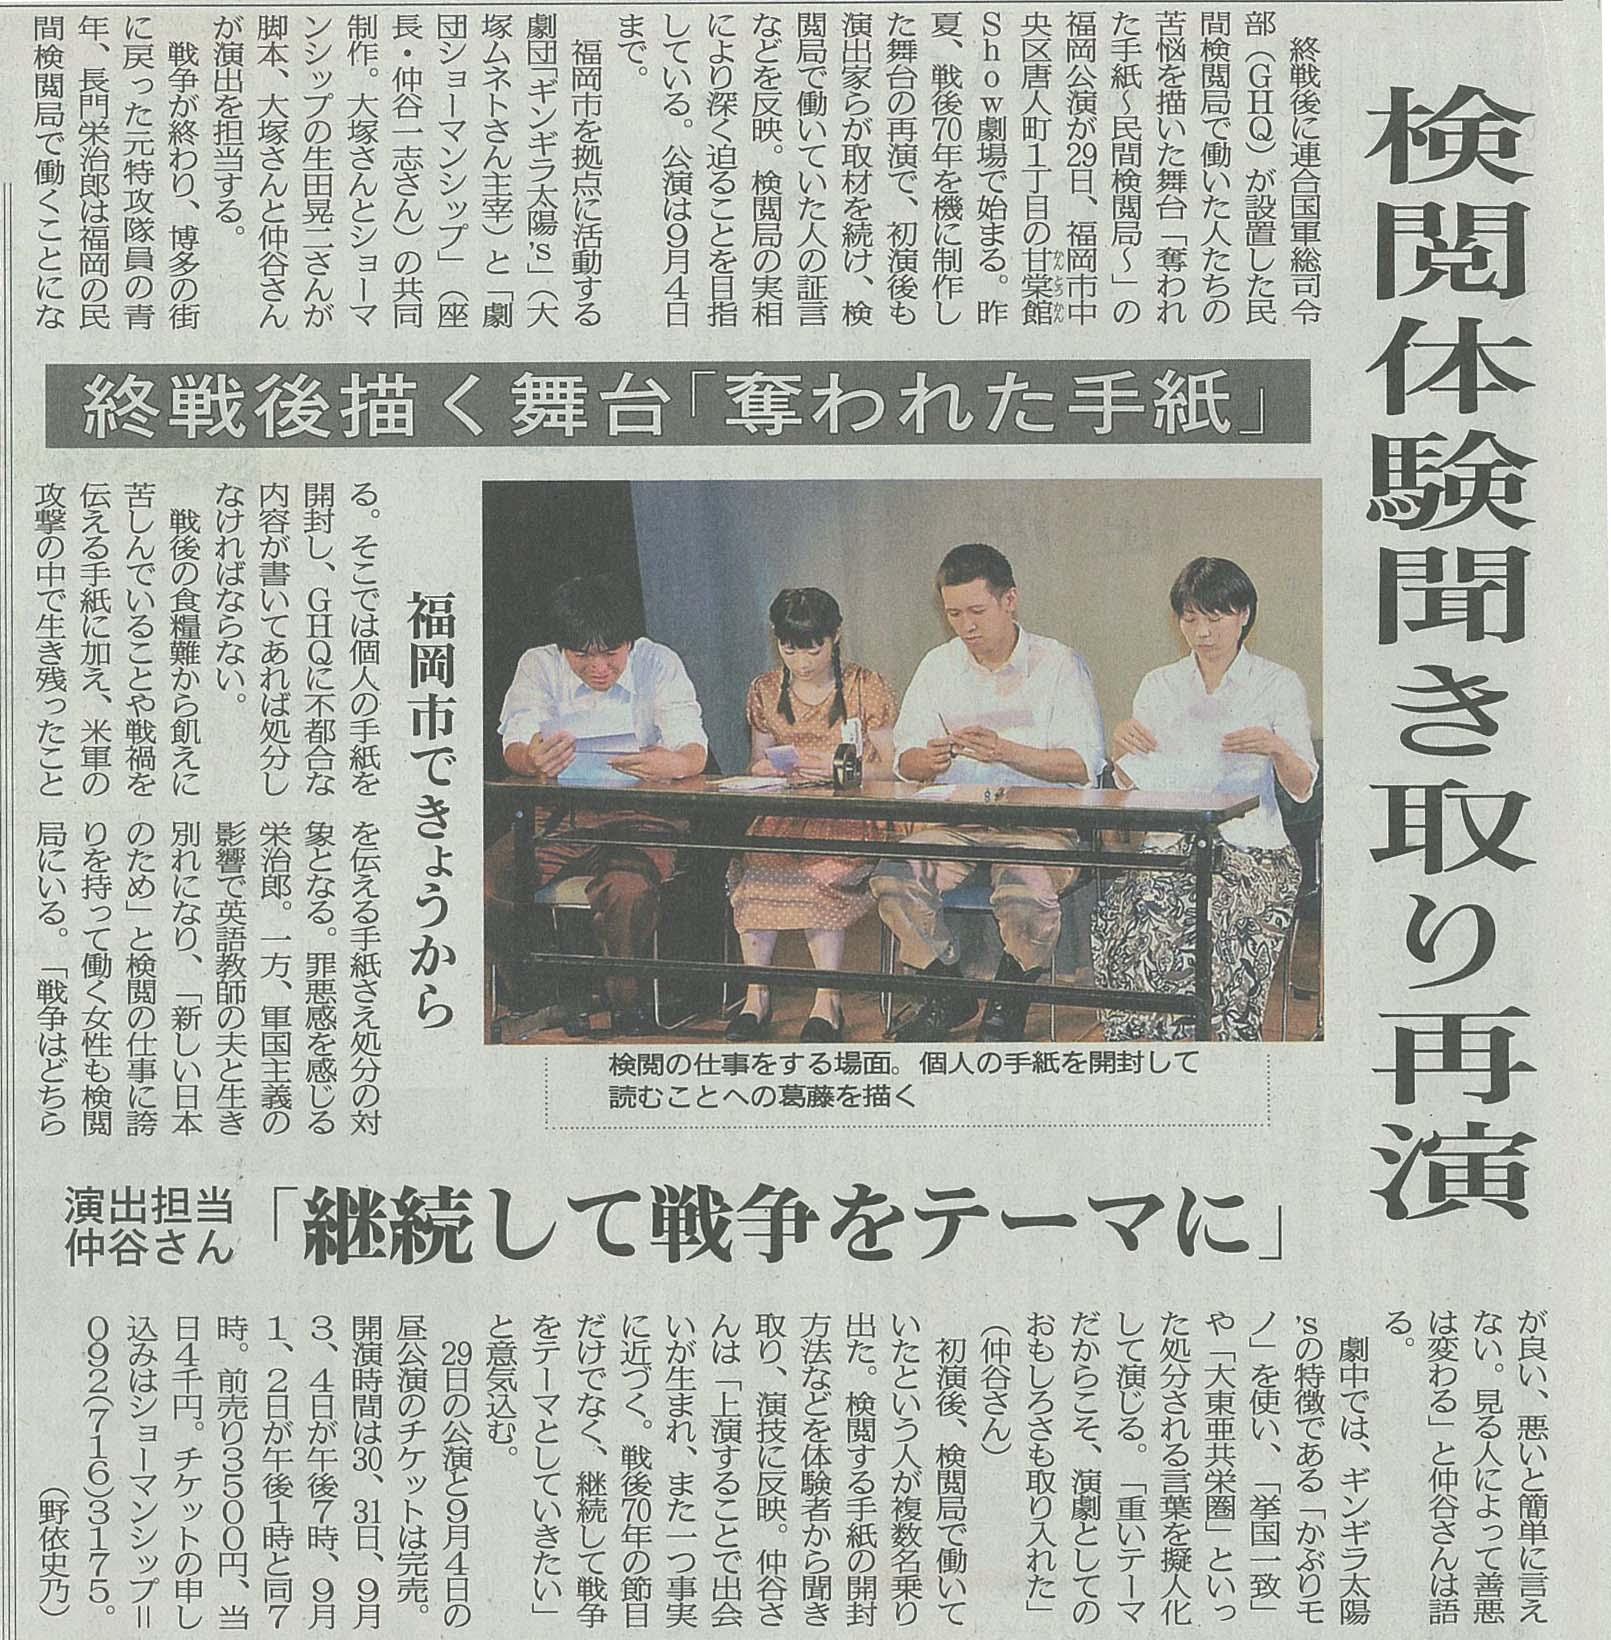 2016年8月29日(月)付 西日本新聞(朝刊)